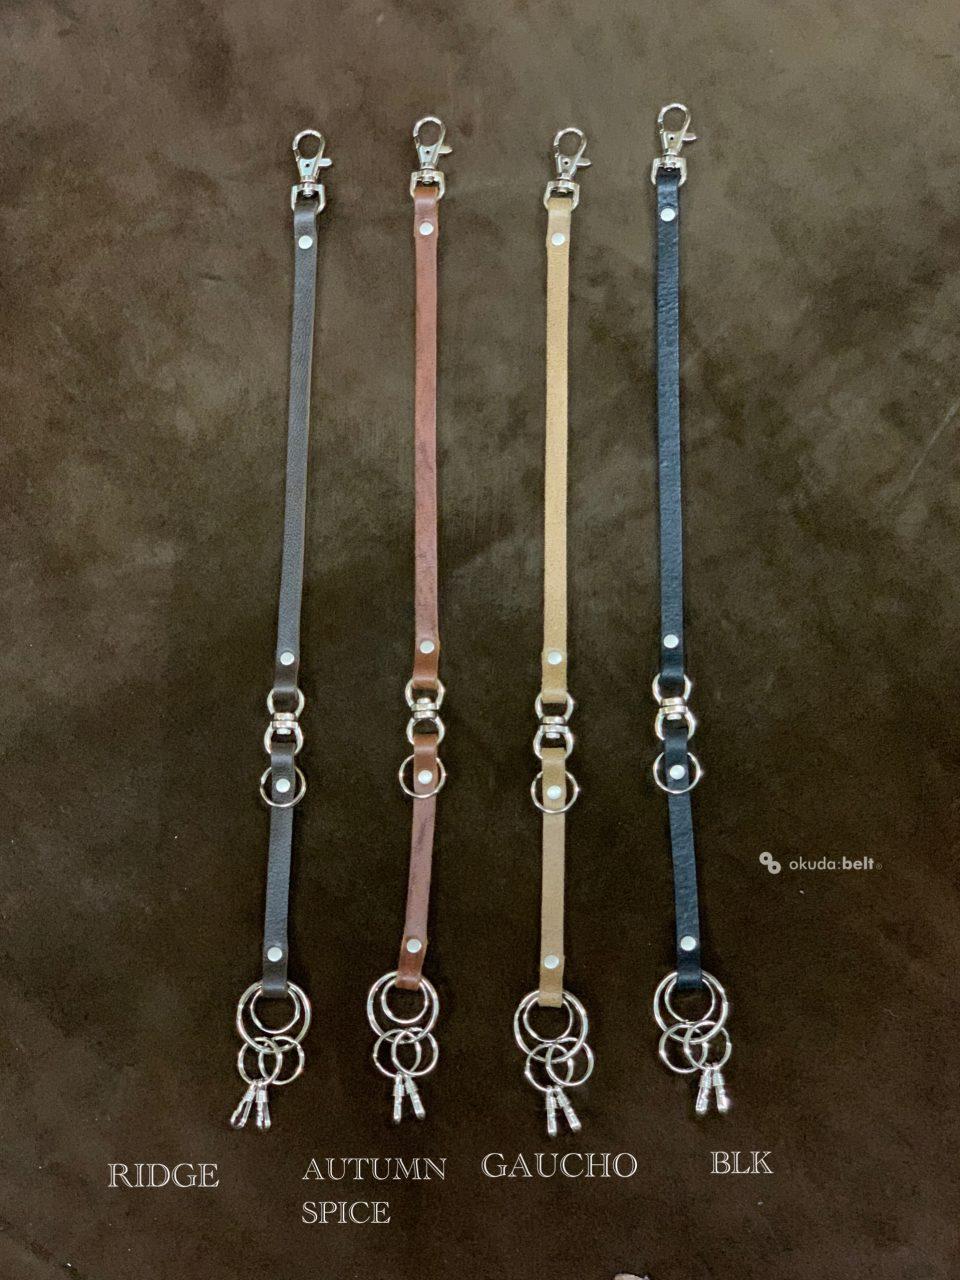 本革 キーホルダー キーリング キーチェーン ウォレットコード ウォレットチェーン バッグチャーム kudu 日本製